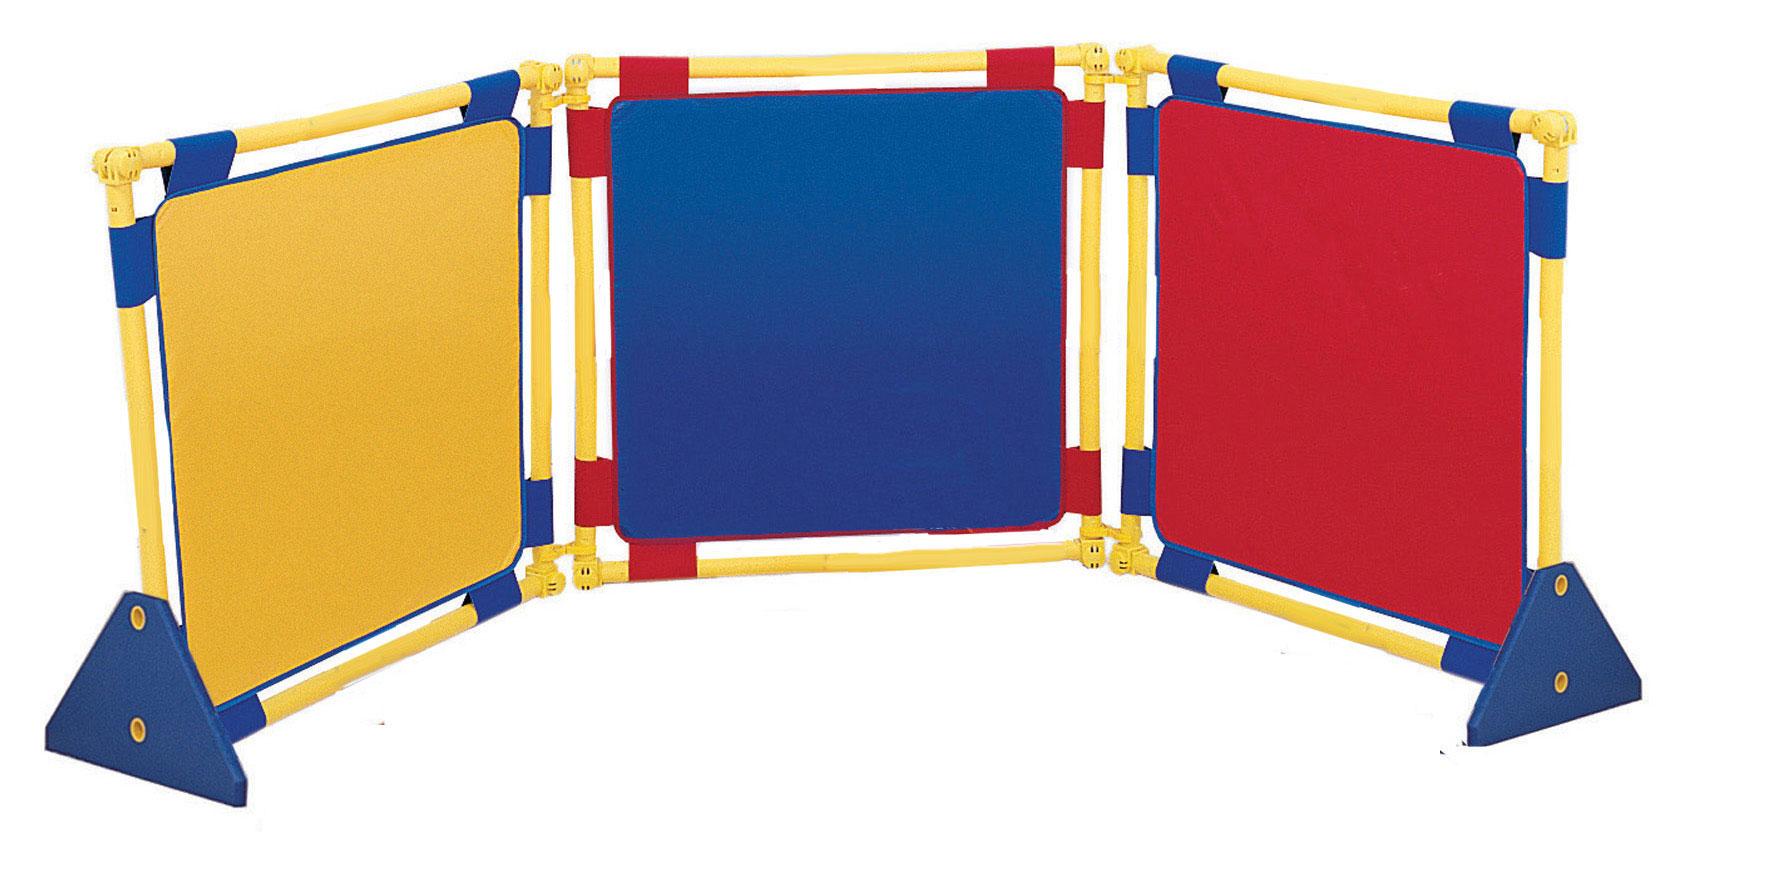 CF900-507 3-Square PlayPanel